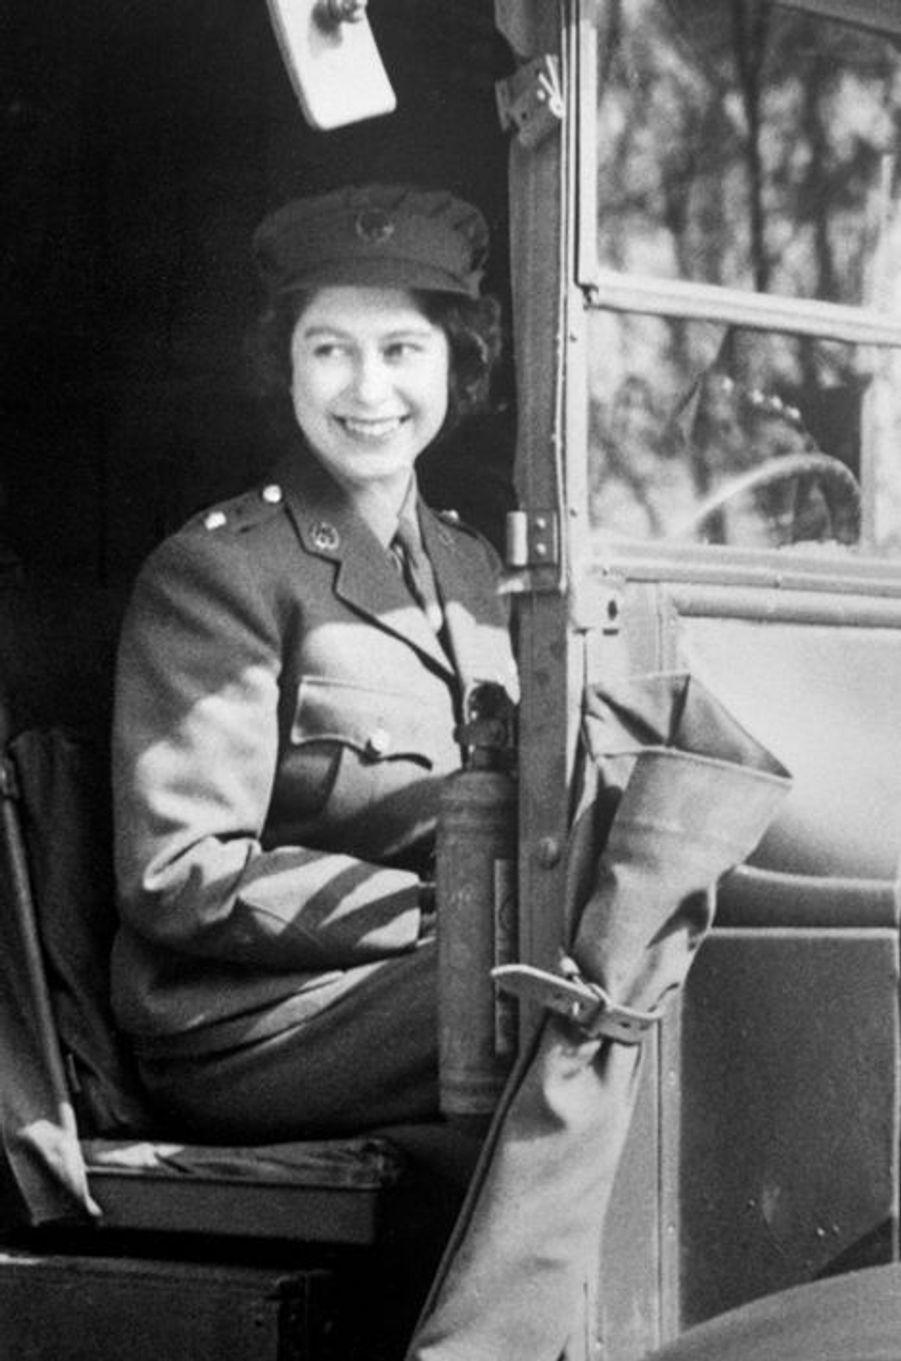 La princesse Elizabeth dans son ambulance militaire, en 1945